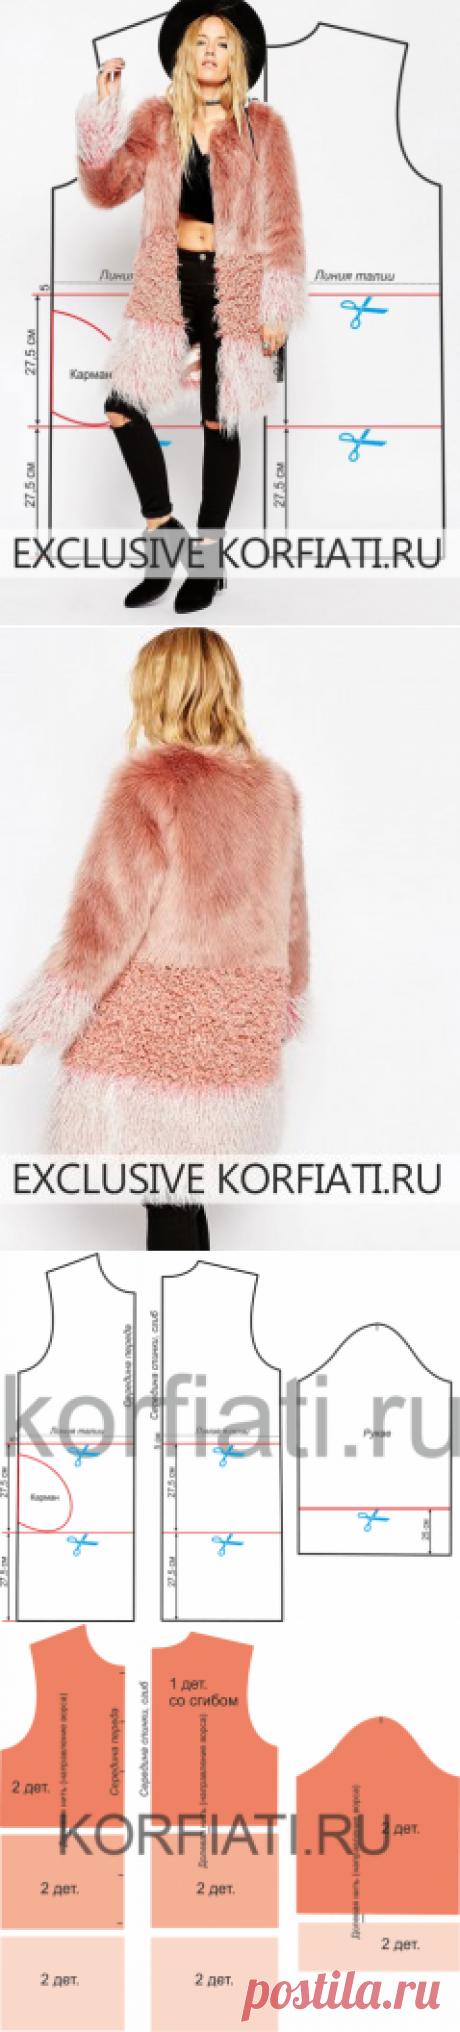 Выкройка мехового пальто от Анастасии Корфиати